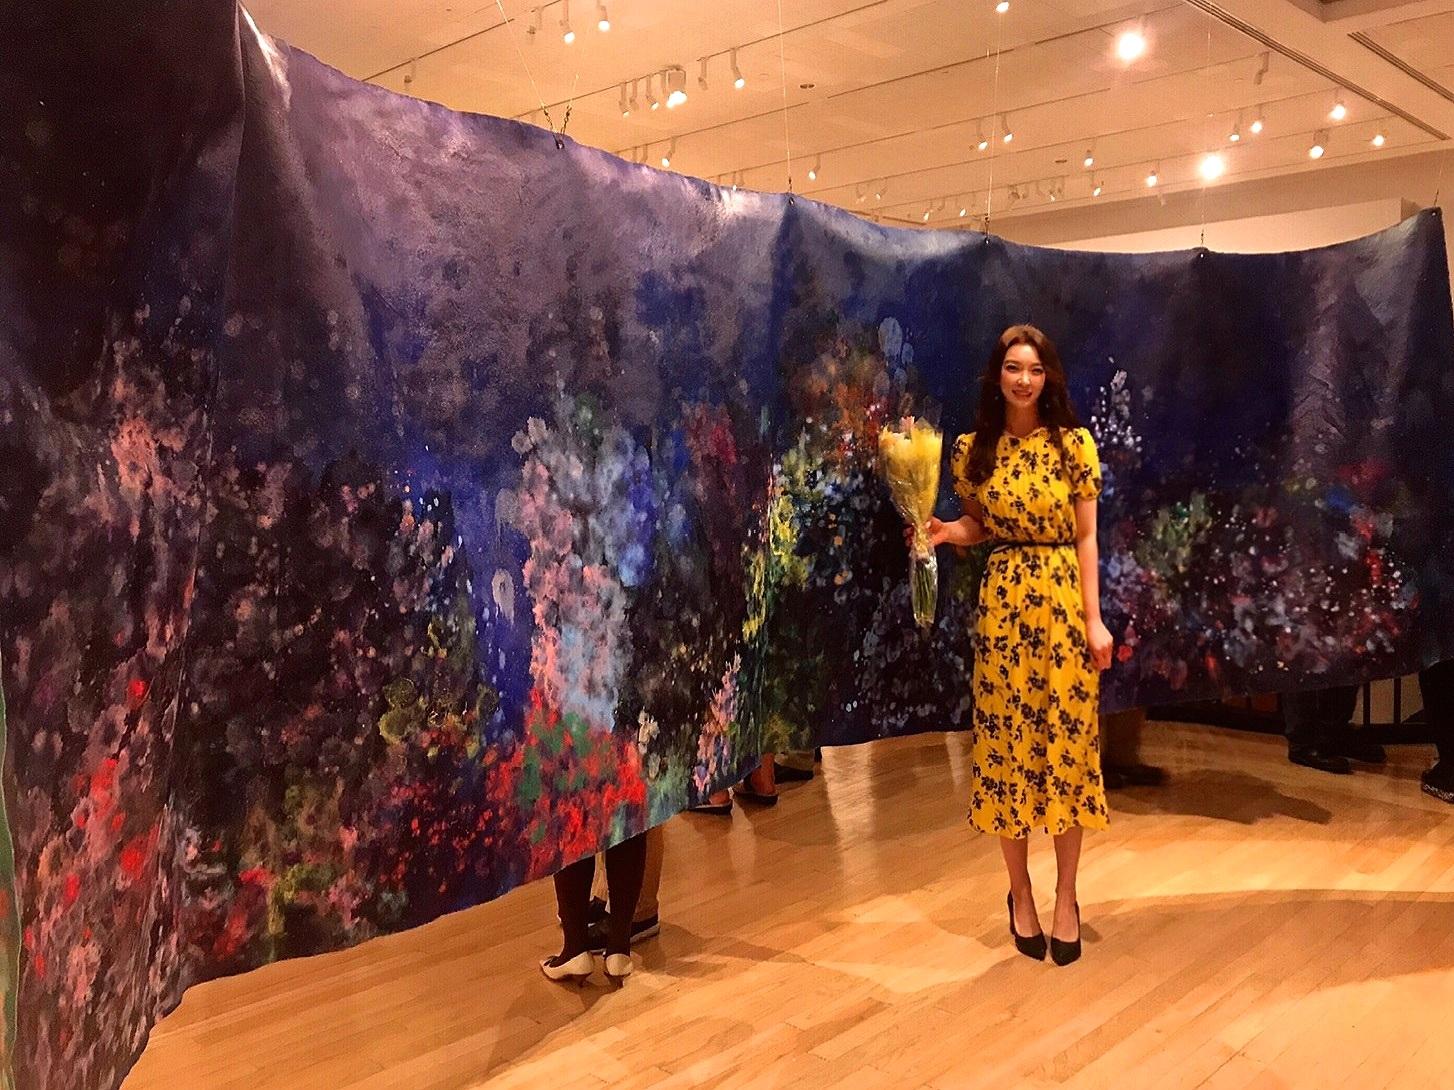 2019 MFA Thesis Exhibition, Aidekman Arts Center